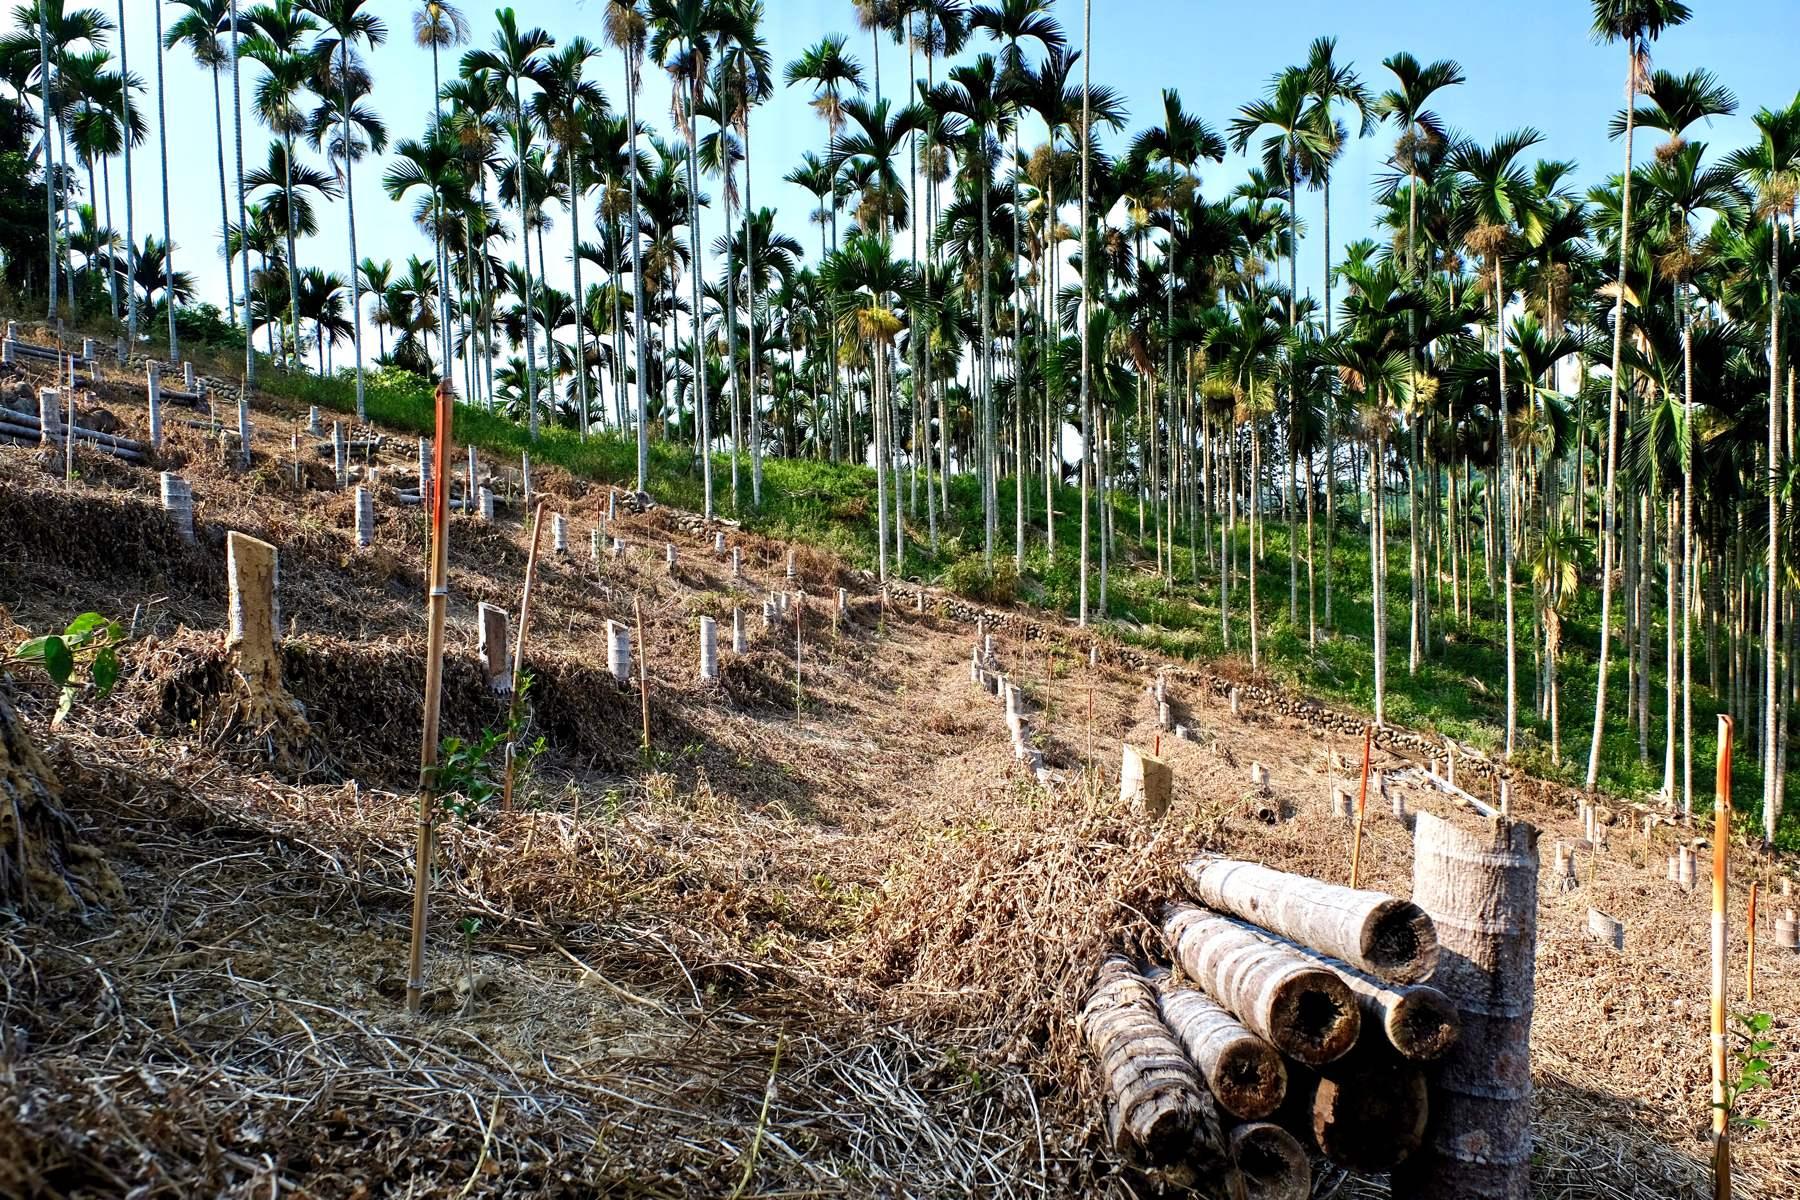 陽光基金會呼籲,檳榔廢園無需挖除樹頭,樹幹也不用運出,可施以微生物使其自然分解(攝影/蔡佳珊)